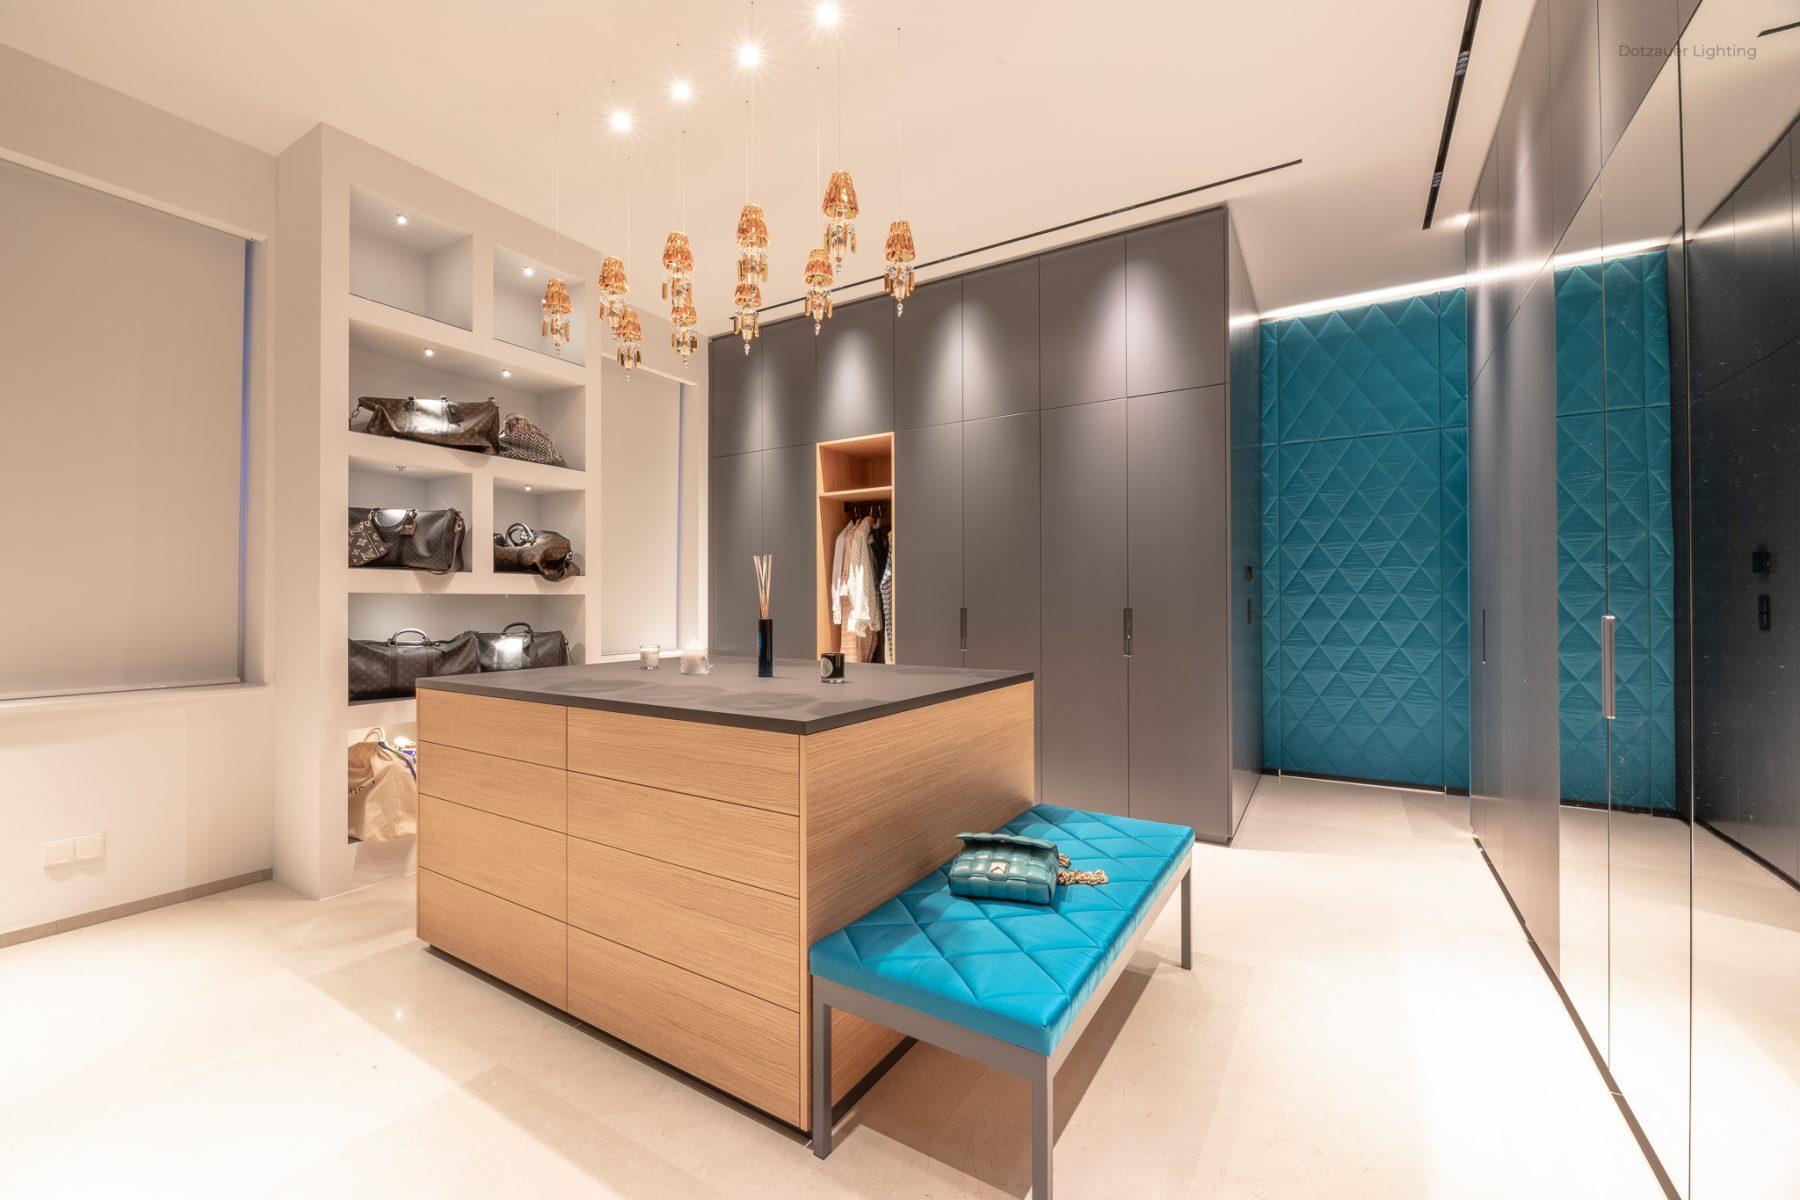 Wohnung K 1050 Wien - Licht by Alexander Magyar (Büro für Lichtplanung) - Lichtplanung für dekorative Leuchten